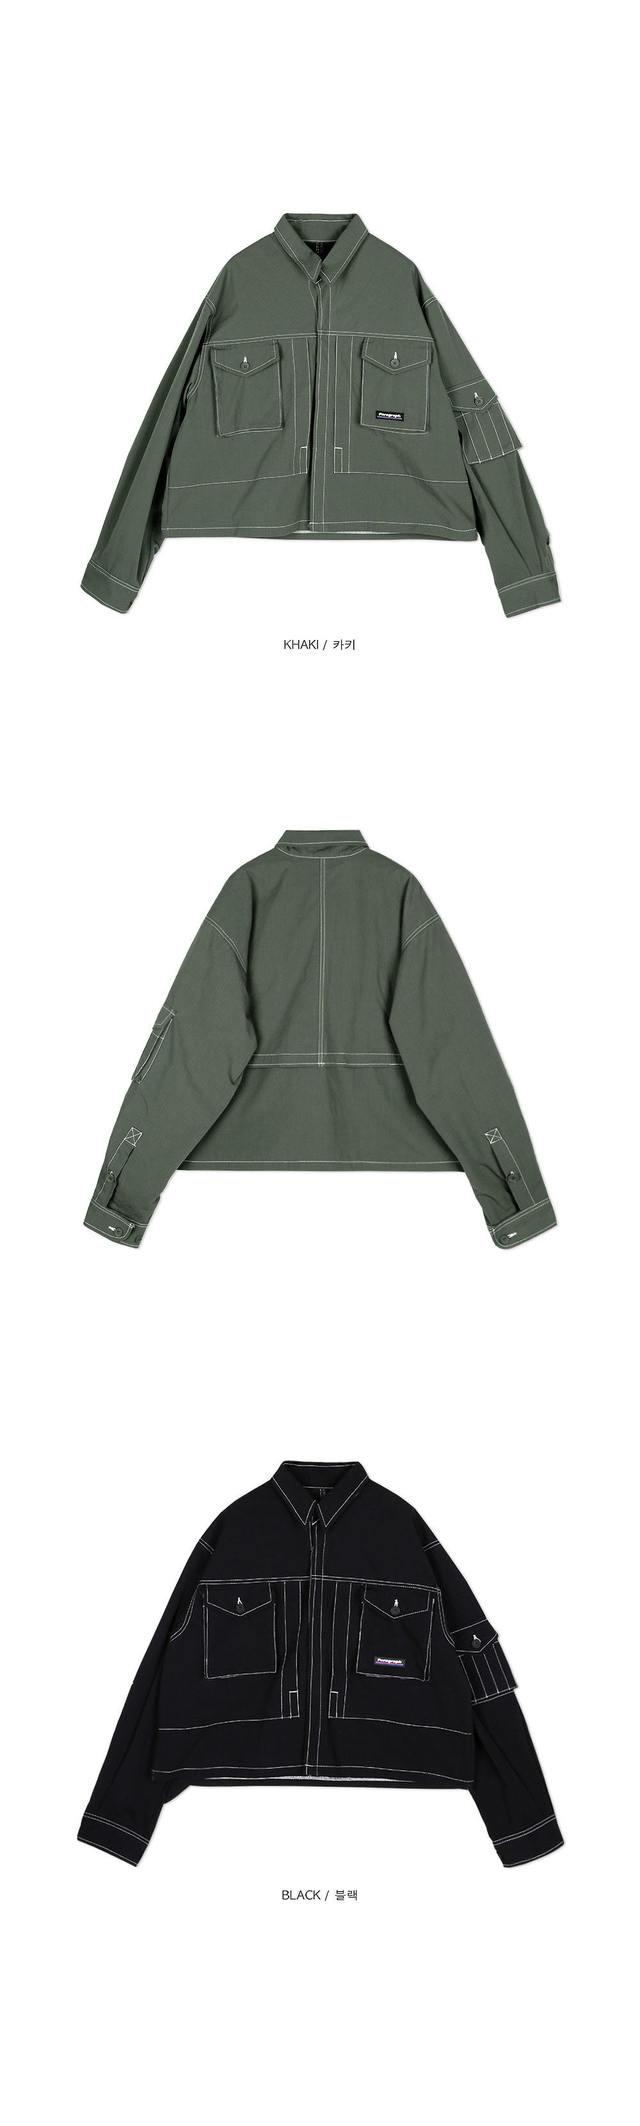 SALE stitches field jacket - UNISEX